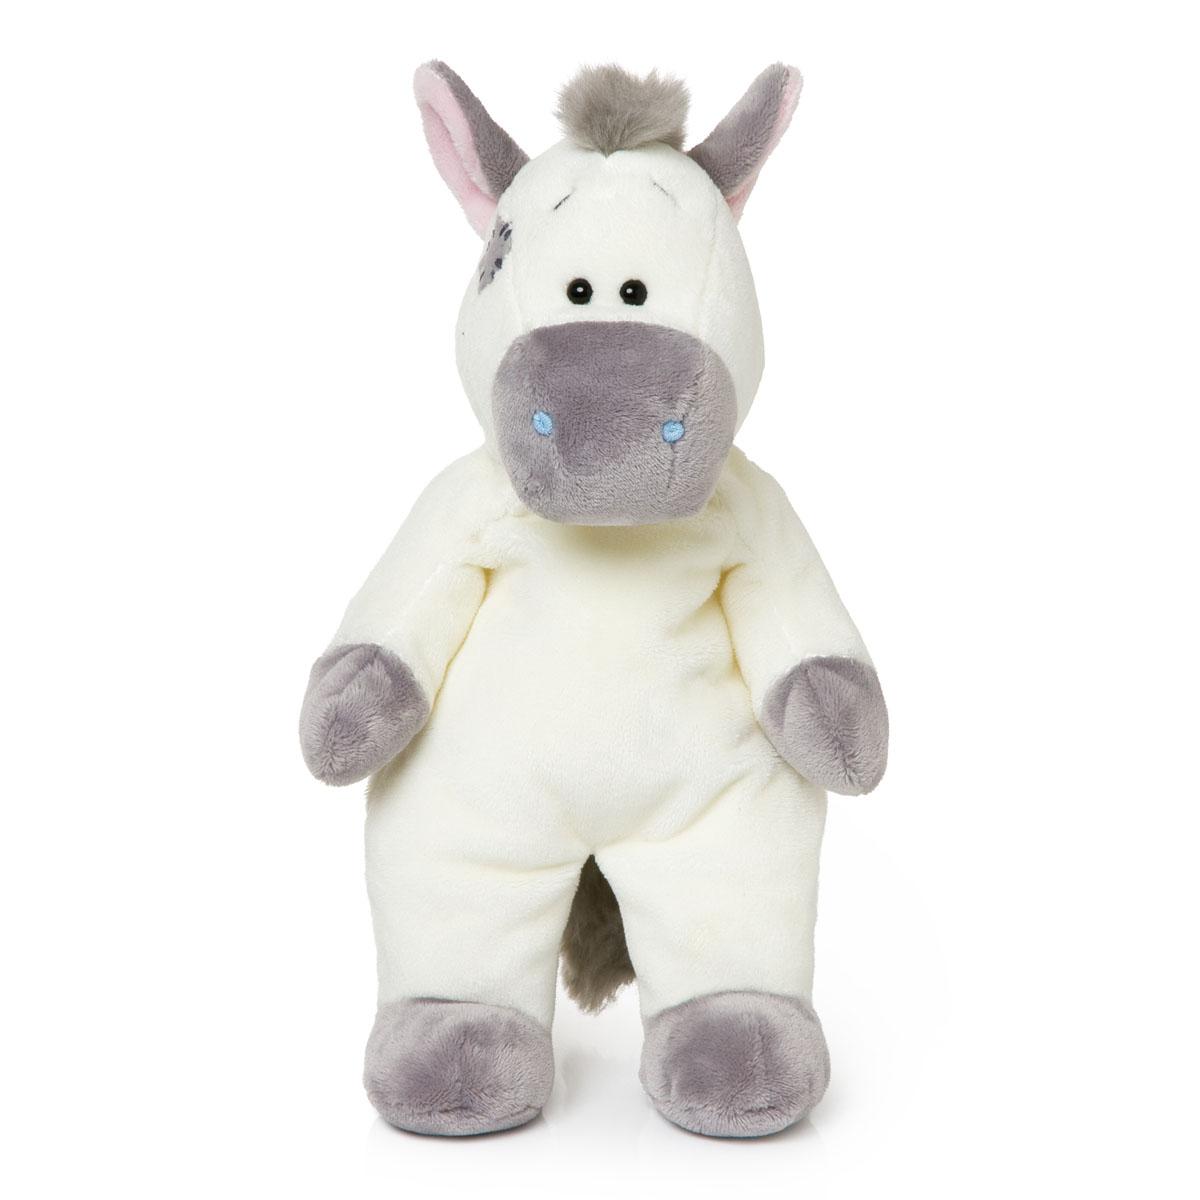 Me to You Мягкая игрушка Лошадь Bobbin, 28 смG73W0305Мягкая игрушка Me to You Лошадь Bobbin станет лучшим другом для любого ребенка. Она изготовлена из безопасных, приятных на ощупь текстильных материалов в виде лошадки с милой заплаткой на голове. Глазки игрушки выполнены из пластика. Пластиковые гранулы, использованные при набивке игрушки, способствуют развитию мелкой моторики рук ребенка. Удивительно мягкая игрушка принесет радость и подарит своему обладателю мгновения нежных объятий и приятных воспоминаний.